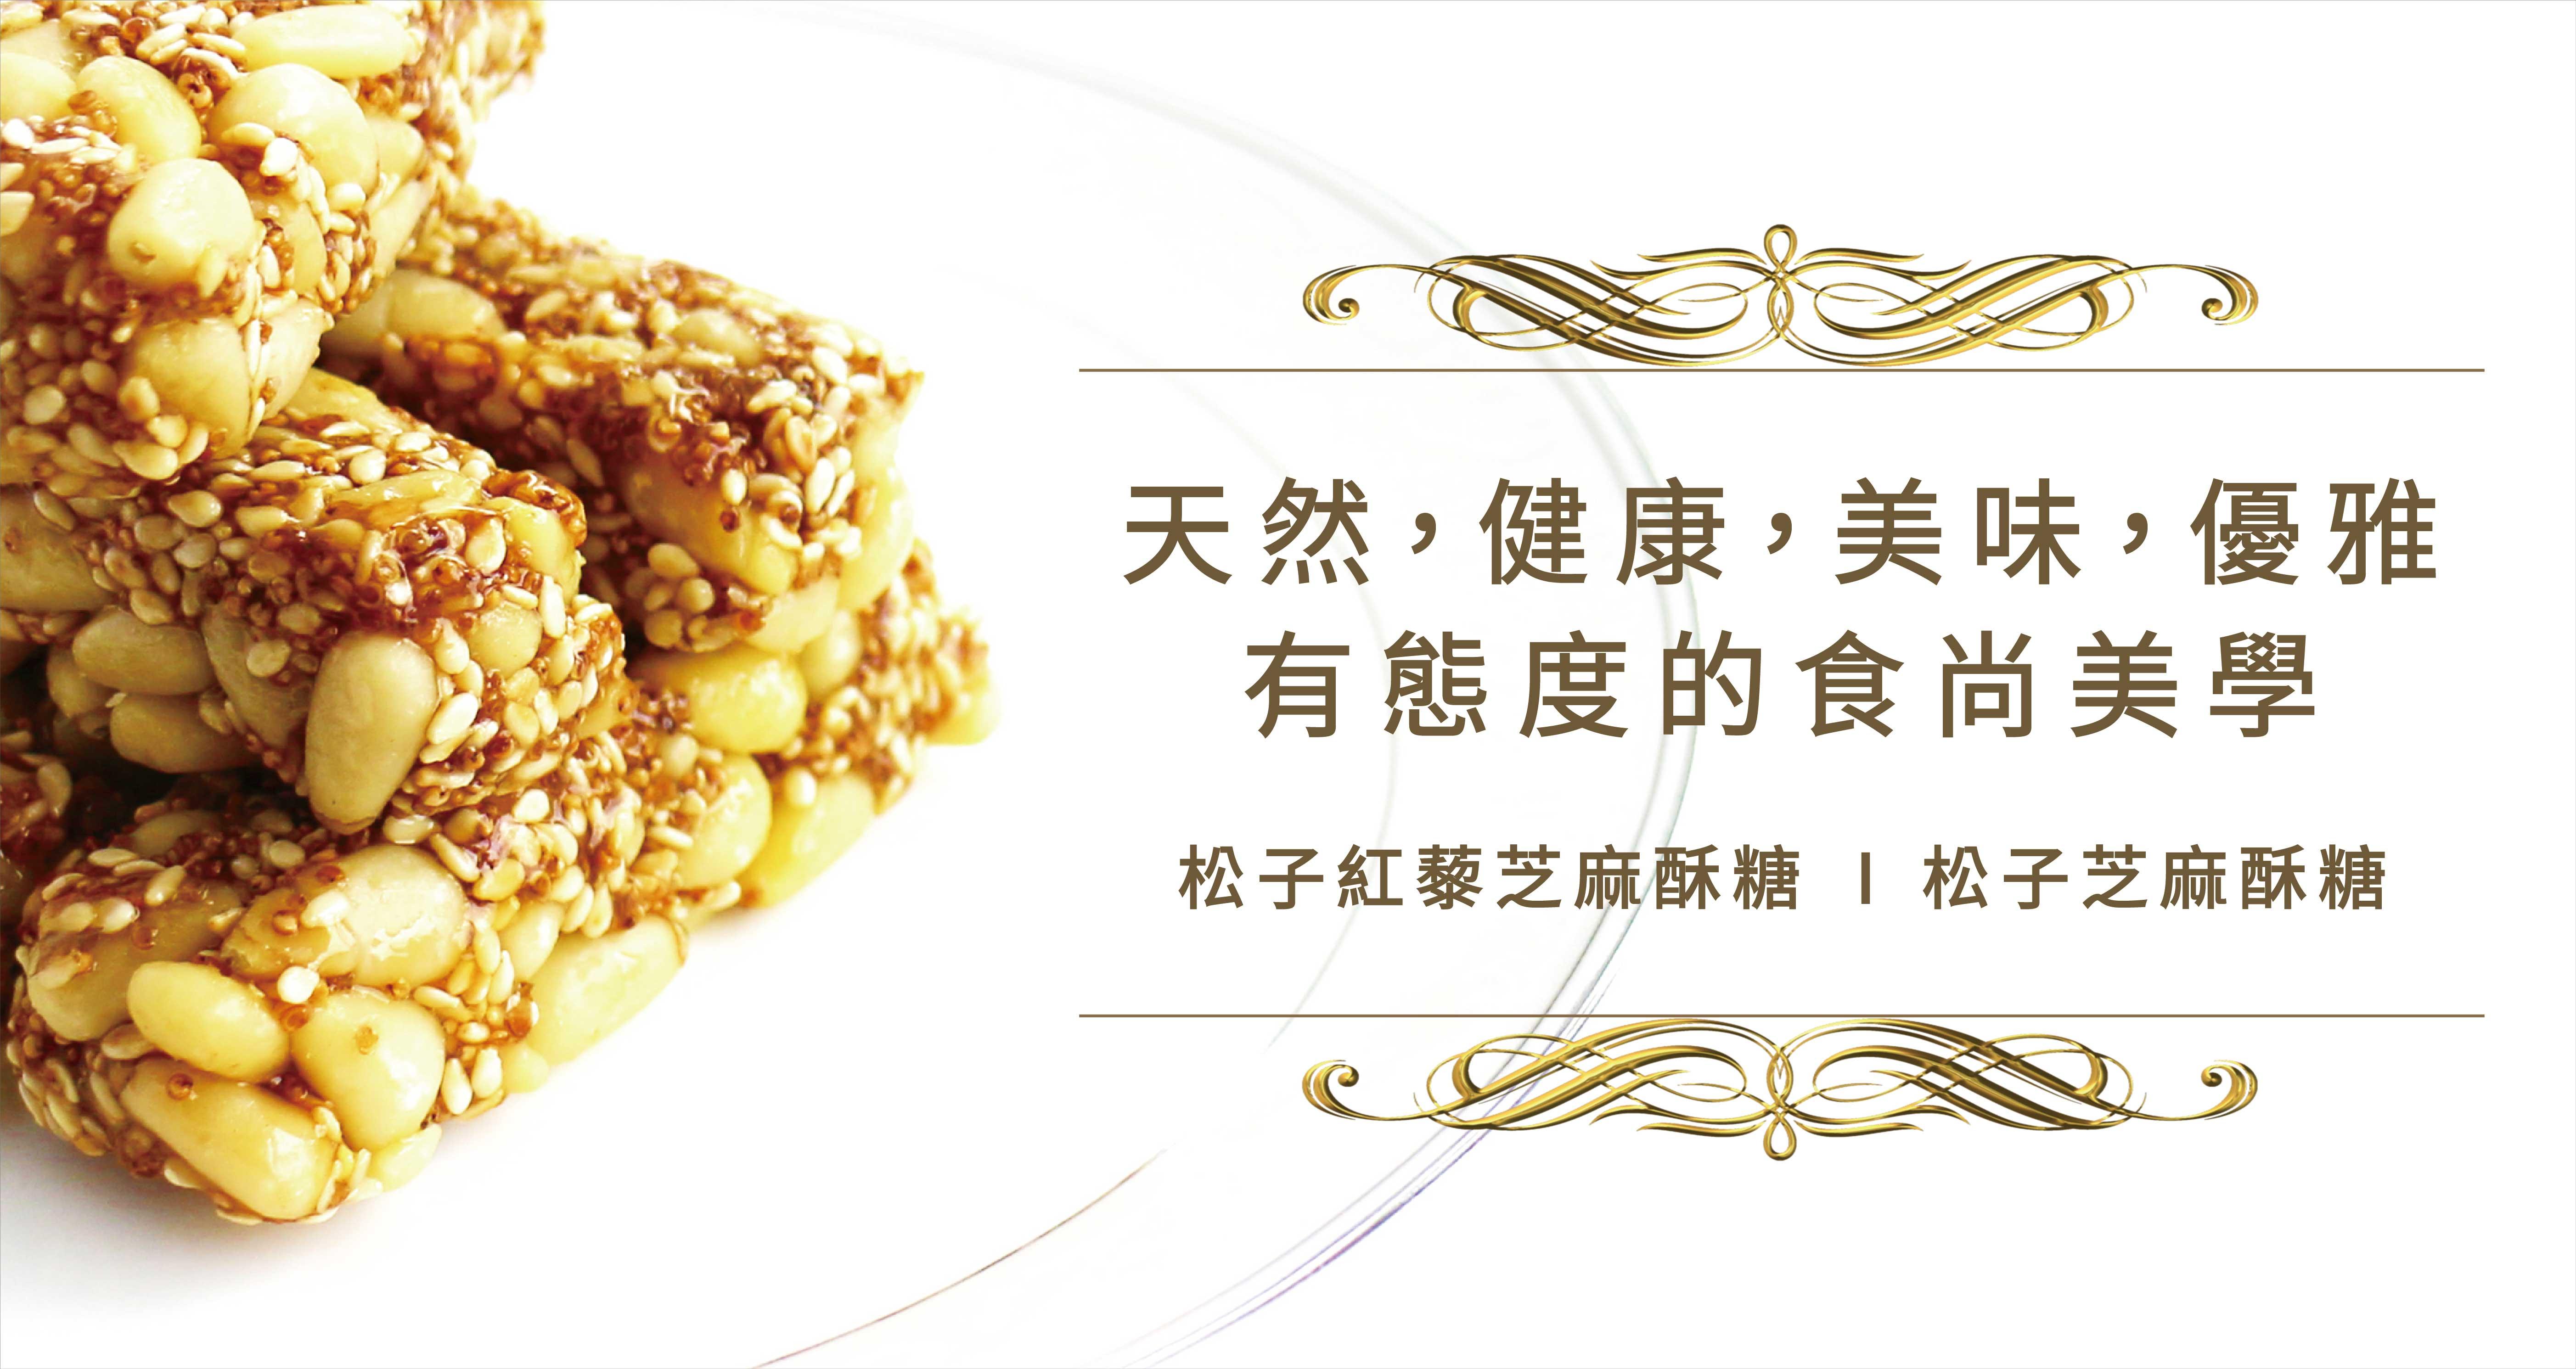 自然食尚受邀參加經濟部 2017 臺灣OTOP主題展